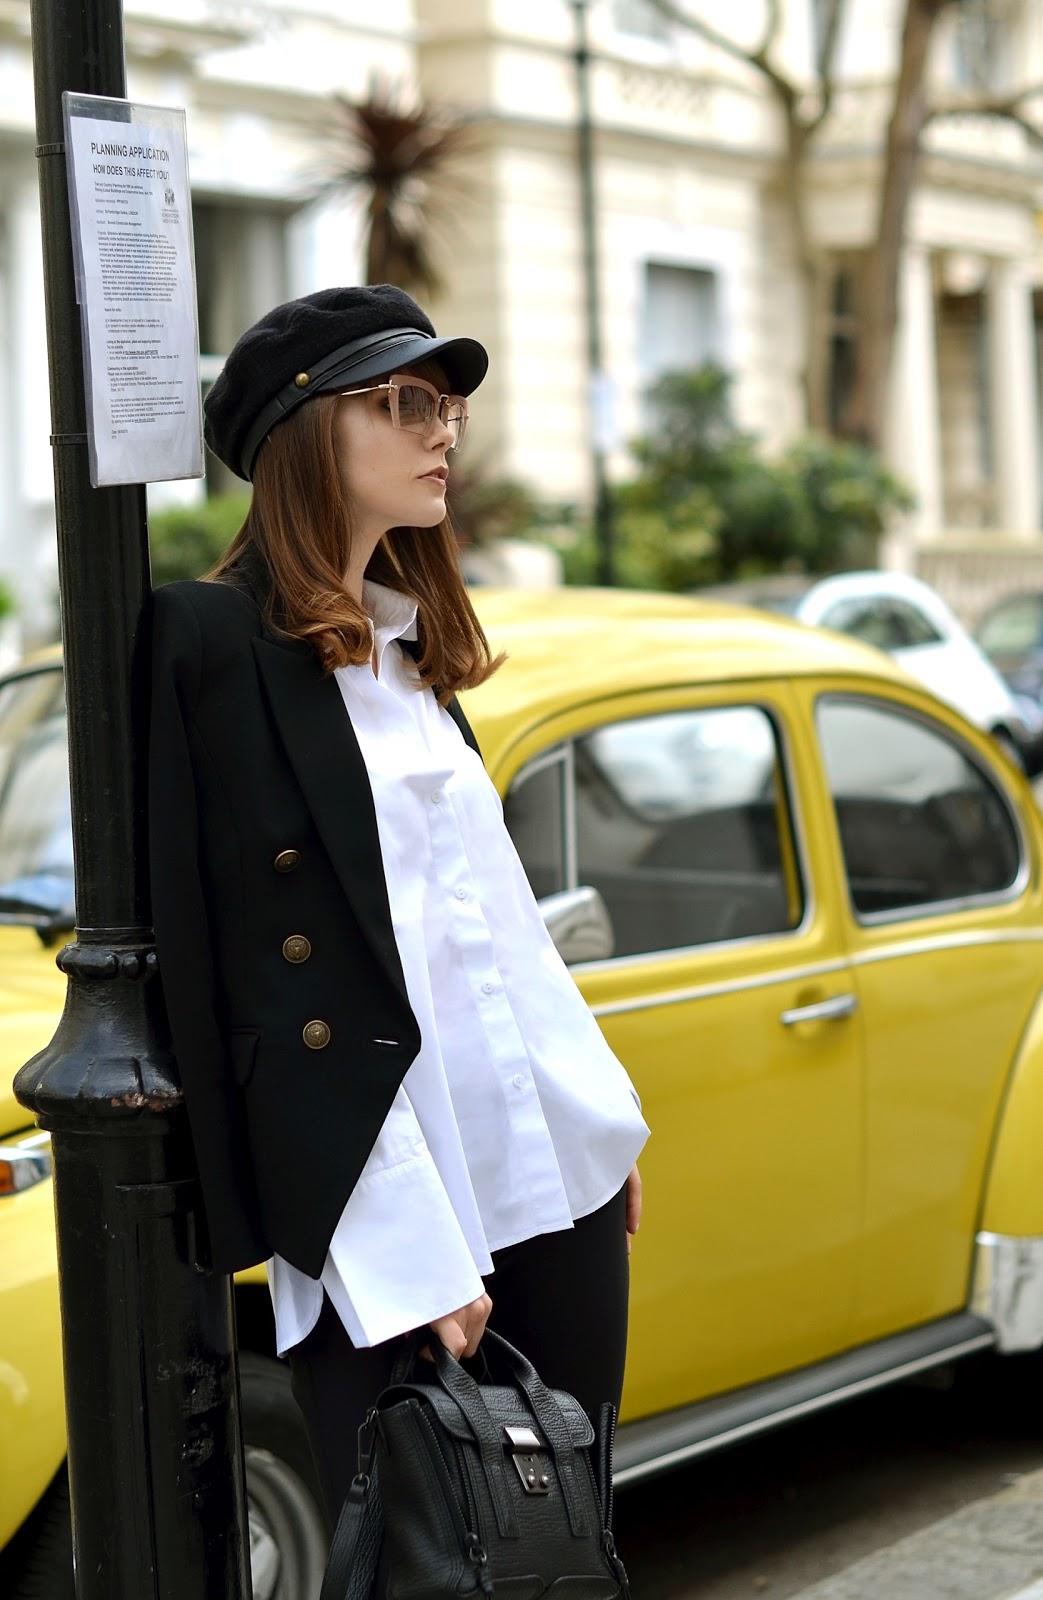 stylizacja do pracy | jak sie ubrac do pracy | blogi modowe | blogerka modowa | blog z krakowa | kamila mraz | cammy blog | psychologia | przemyslenia na blogu | okulary miu miu